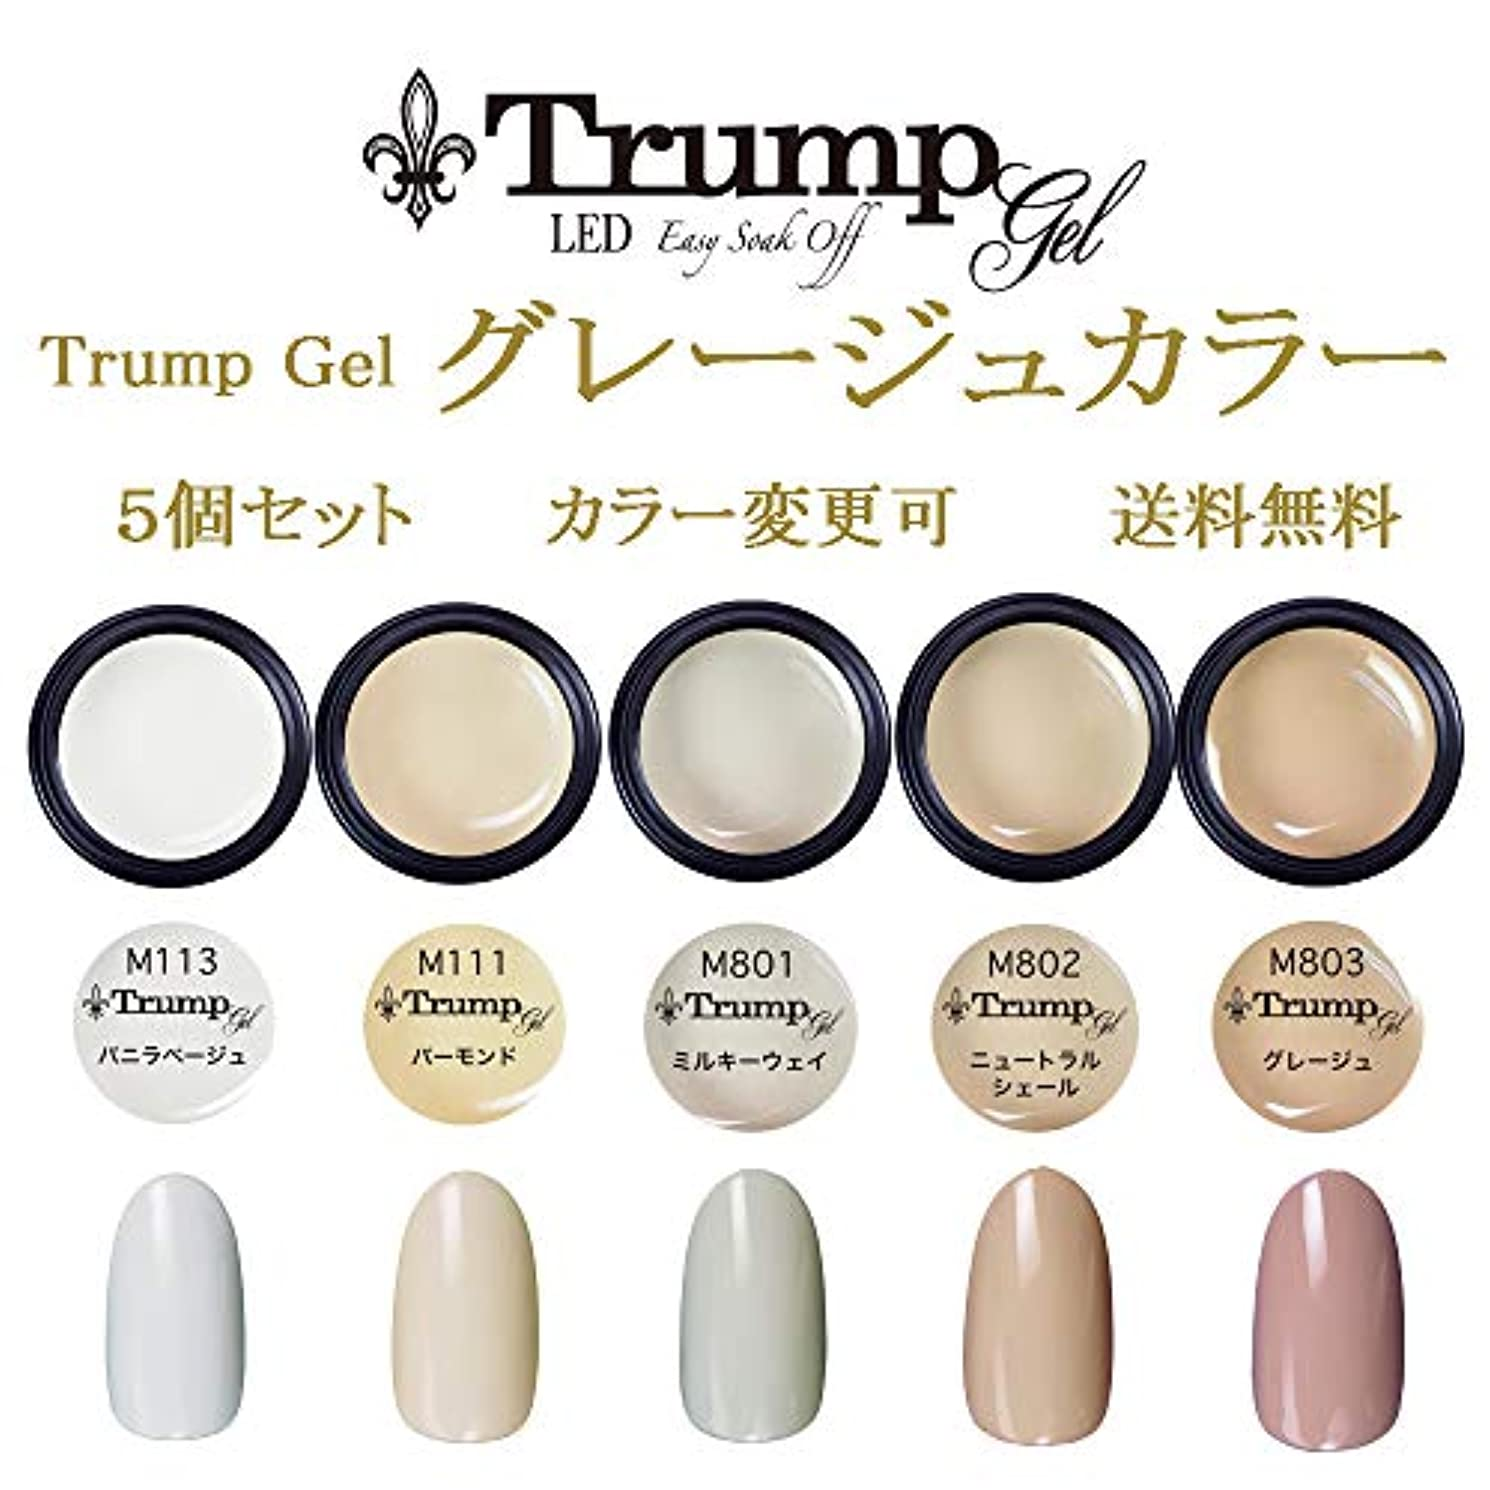 聞く委任する放棄日本製 Trump gel トランプジェル グレージュカラー 選べる カラージェル 5個セット ホワイト ベージュ ピンク スモーク